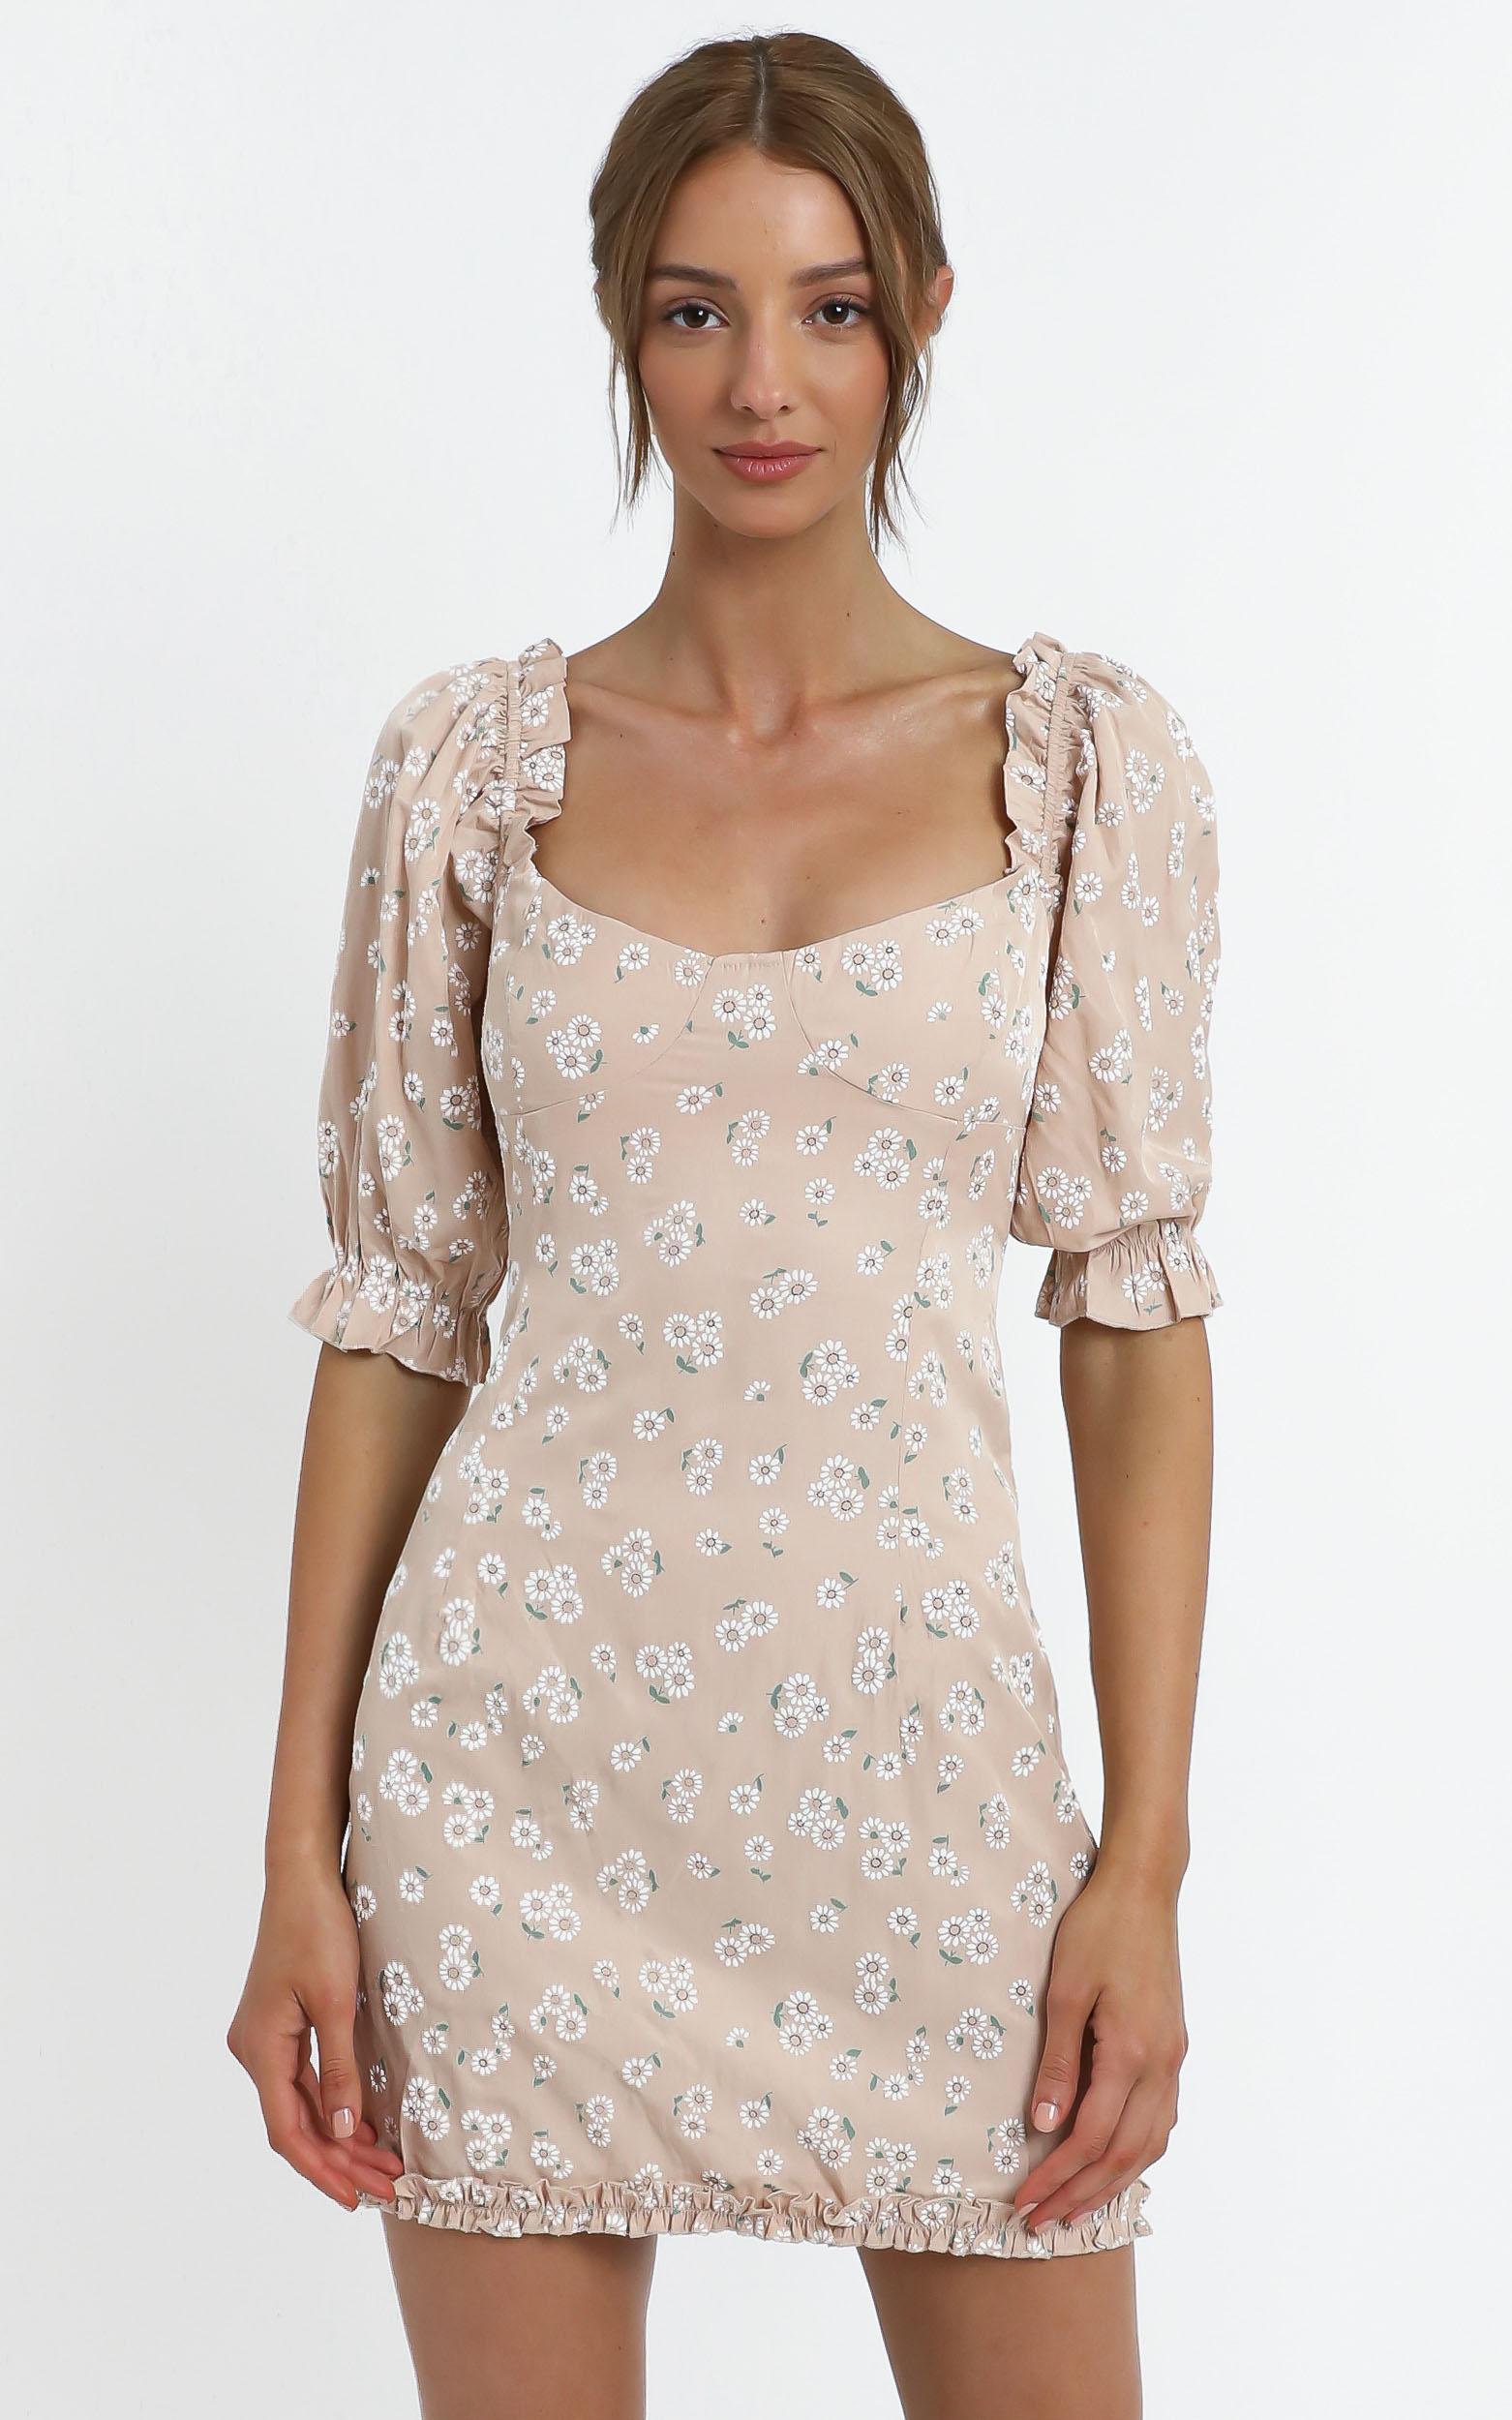 Scarlette Dress in Beige Floral - 14 (XL), Beige, hi-res image number null